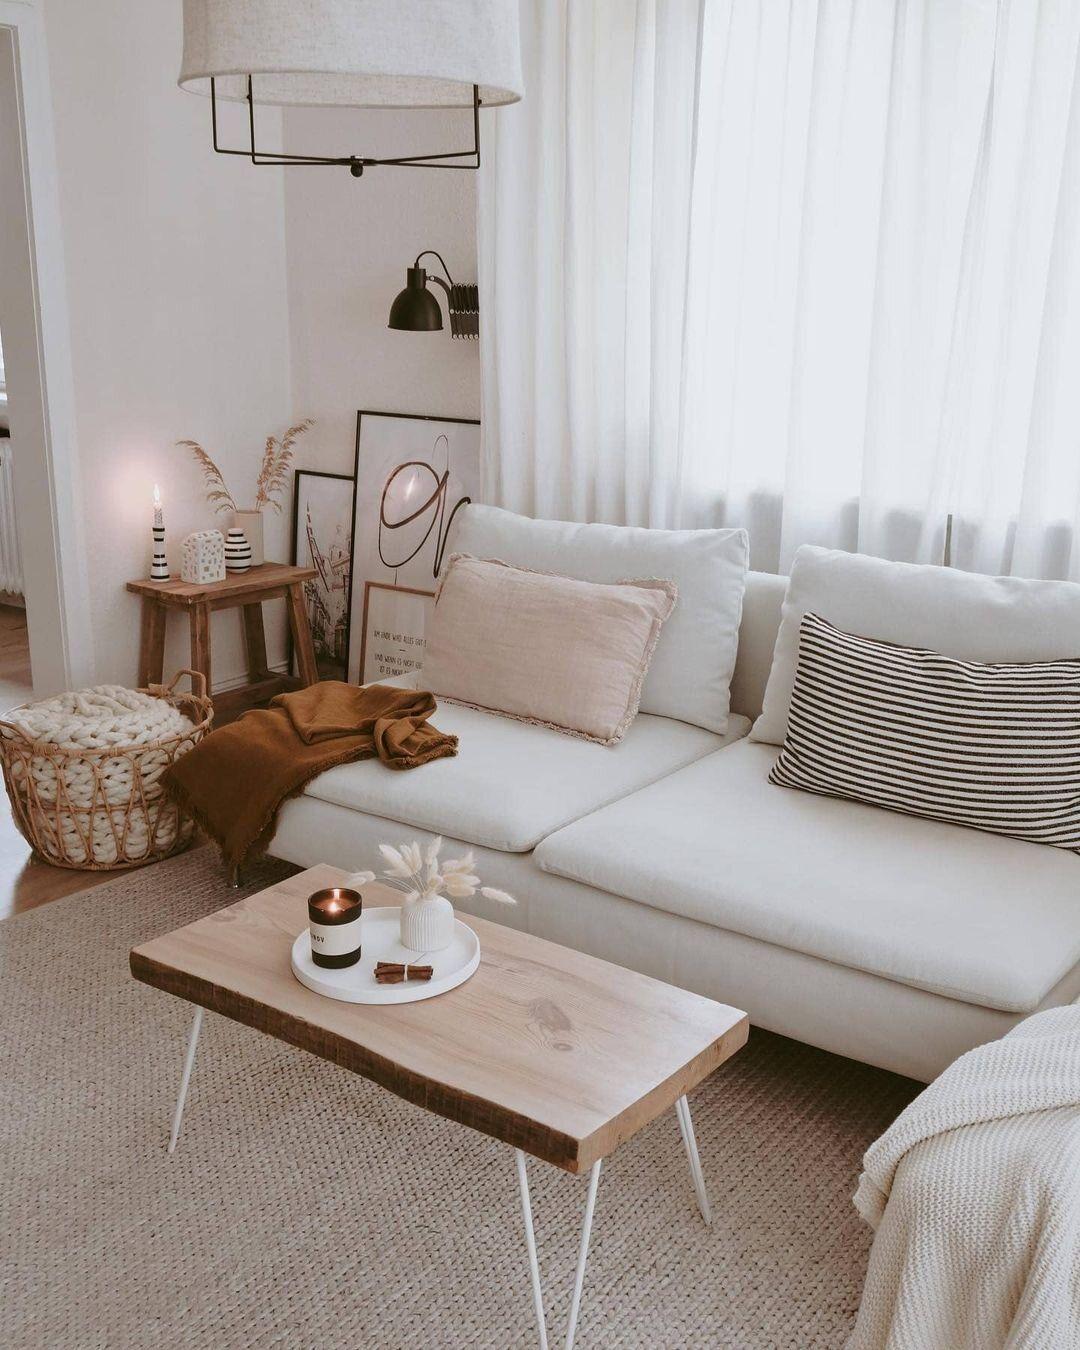 45 Unique Minimalist Living Room Ideas In 2021 The Best Home Decorations In 2021 Minimalist Living Room Minimalist Living Room Furniture Living Room Decor Gallery Living room decor gallery